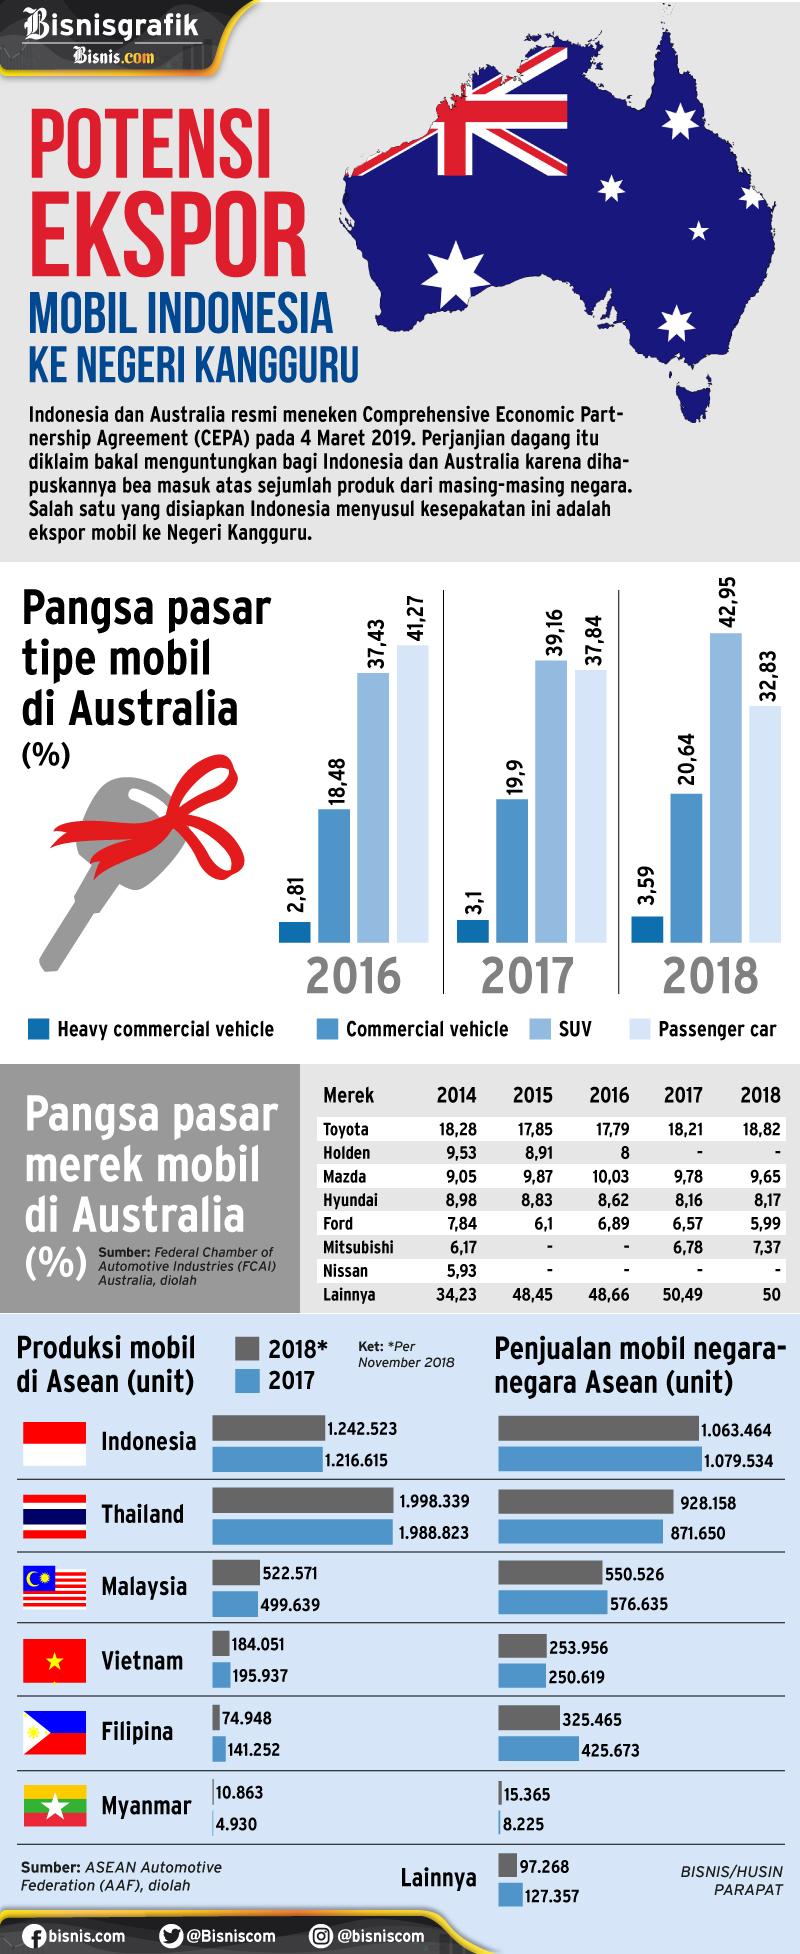 Infografis pasar mobil di Australia dan produksi otomotif Asean. - Bisnis/Husin Parapat